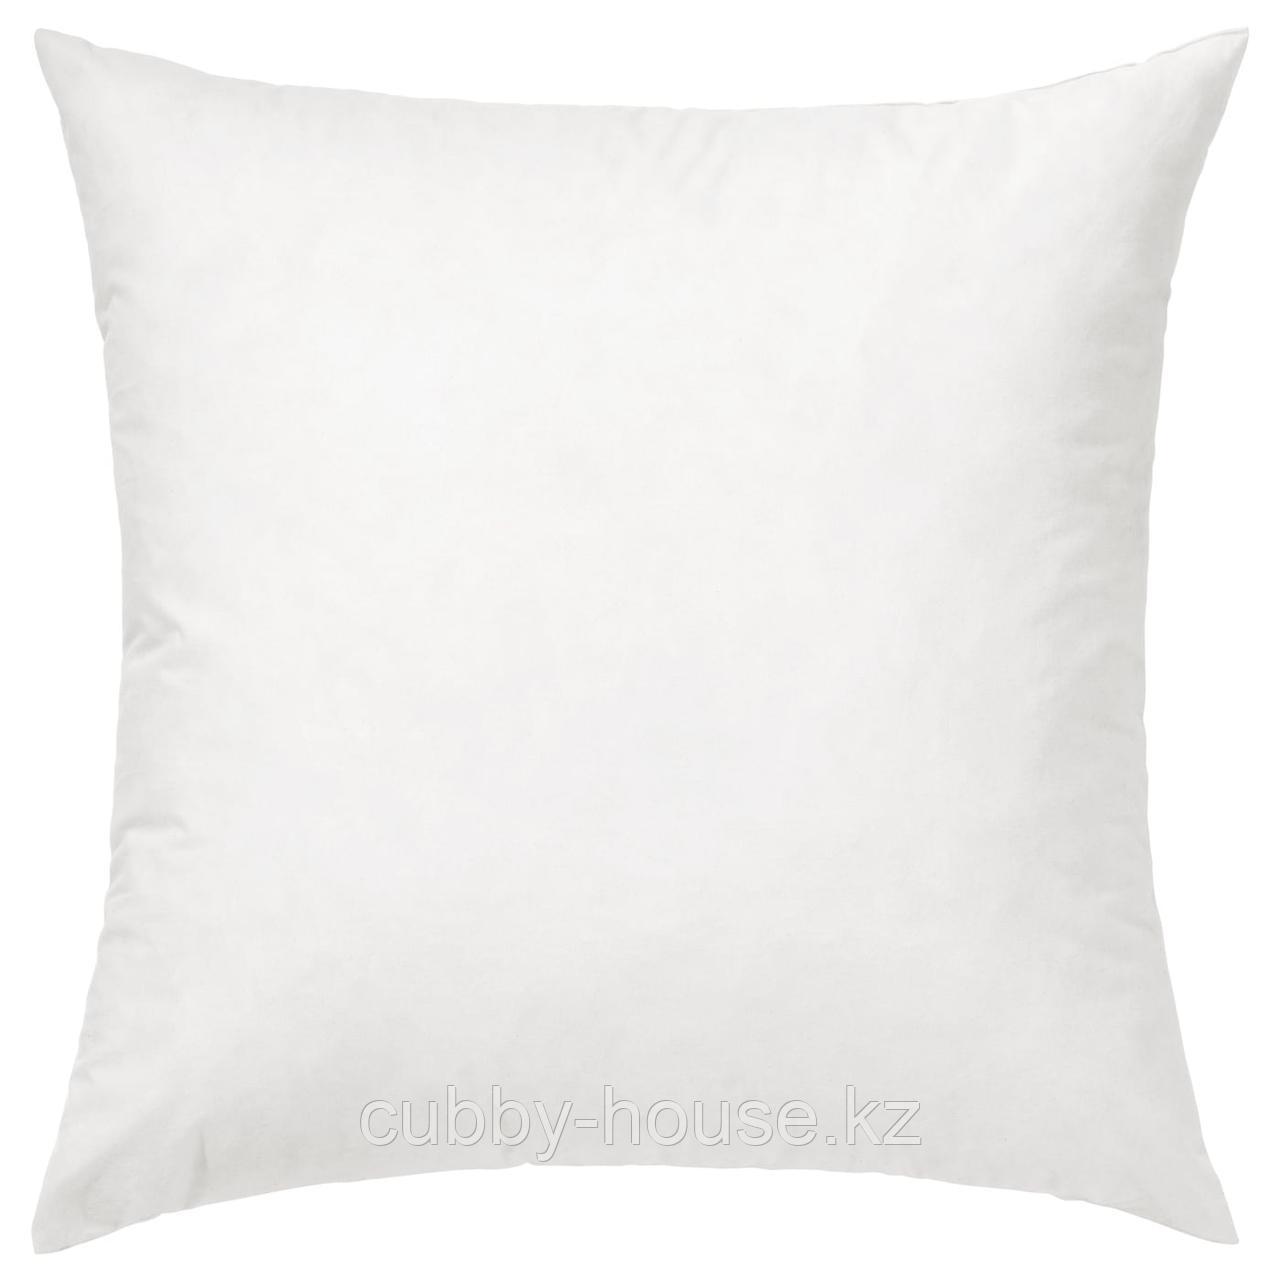 ФЬЕДРАР Подушка, белый с оттенком, 65x65 см